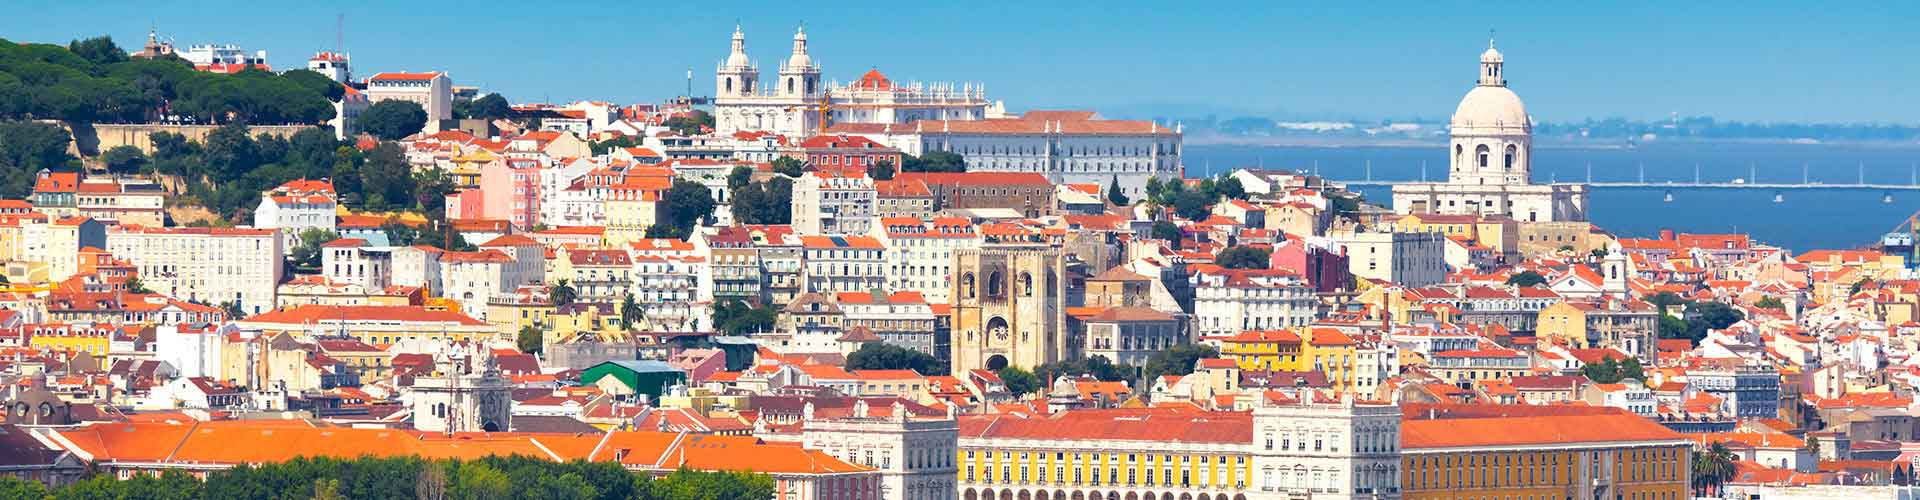 Lisboa – Albergues próximos a Centro. Mapas para Lisboa, Fotos e Avaliações para cada Albergue em Lisboa.